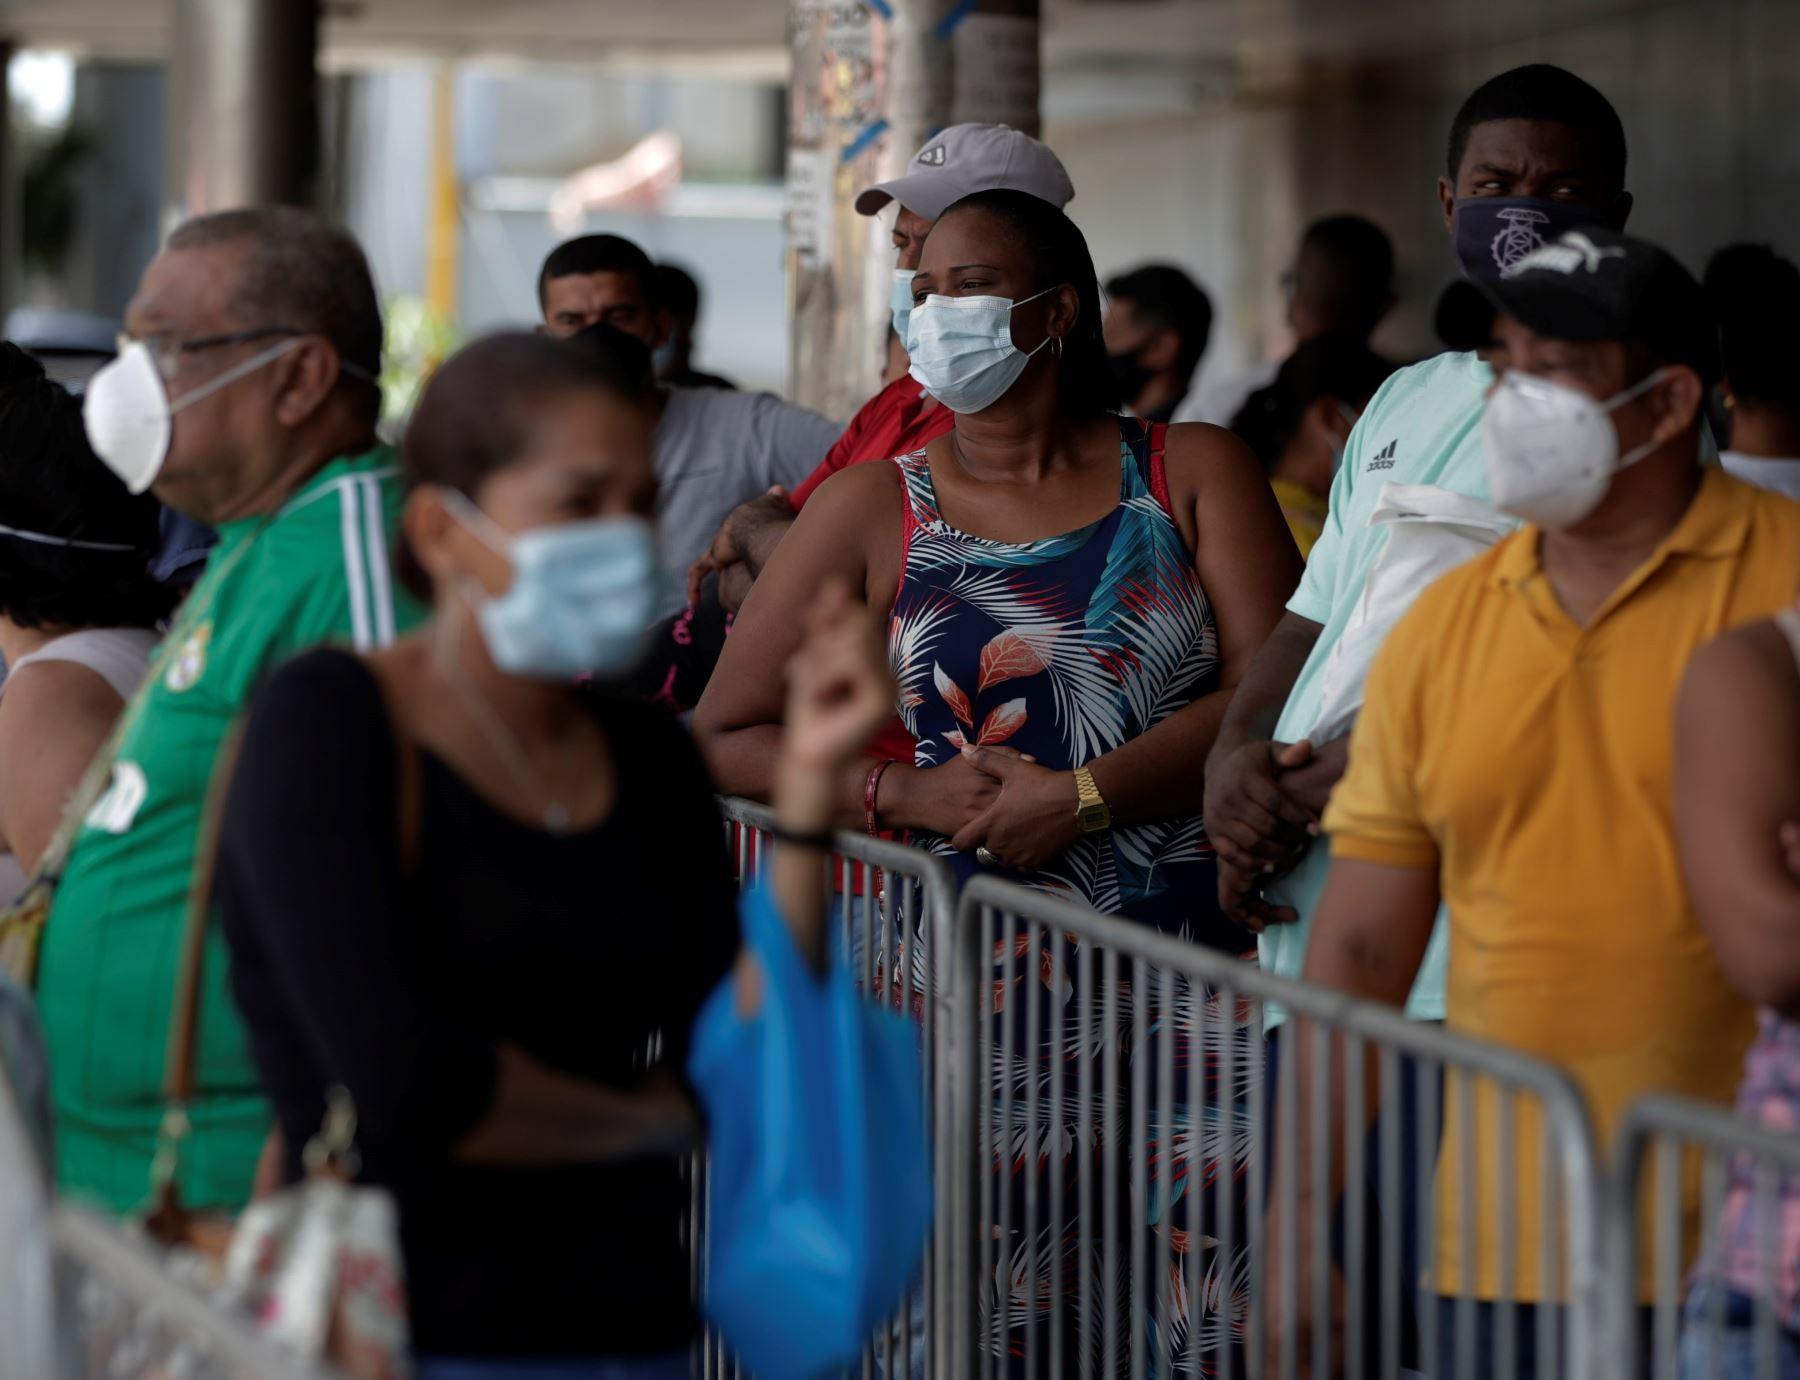 Los contagios mundiales de covid-19 superan los 30 millones   Noticias